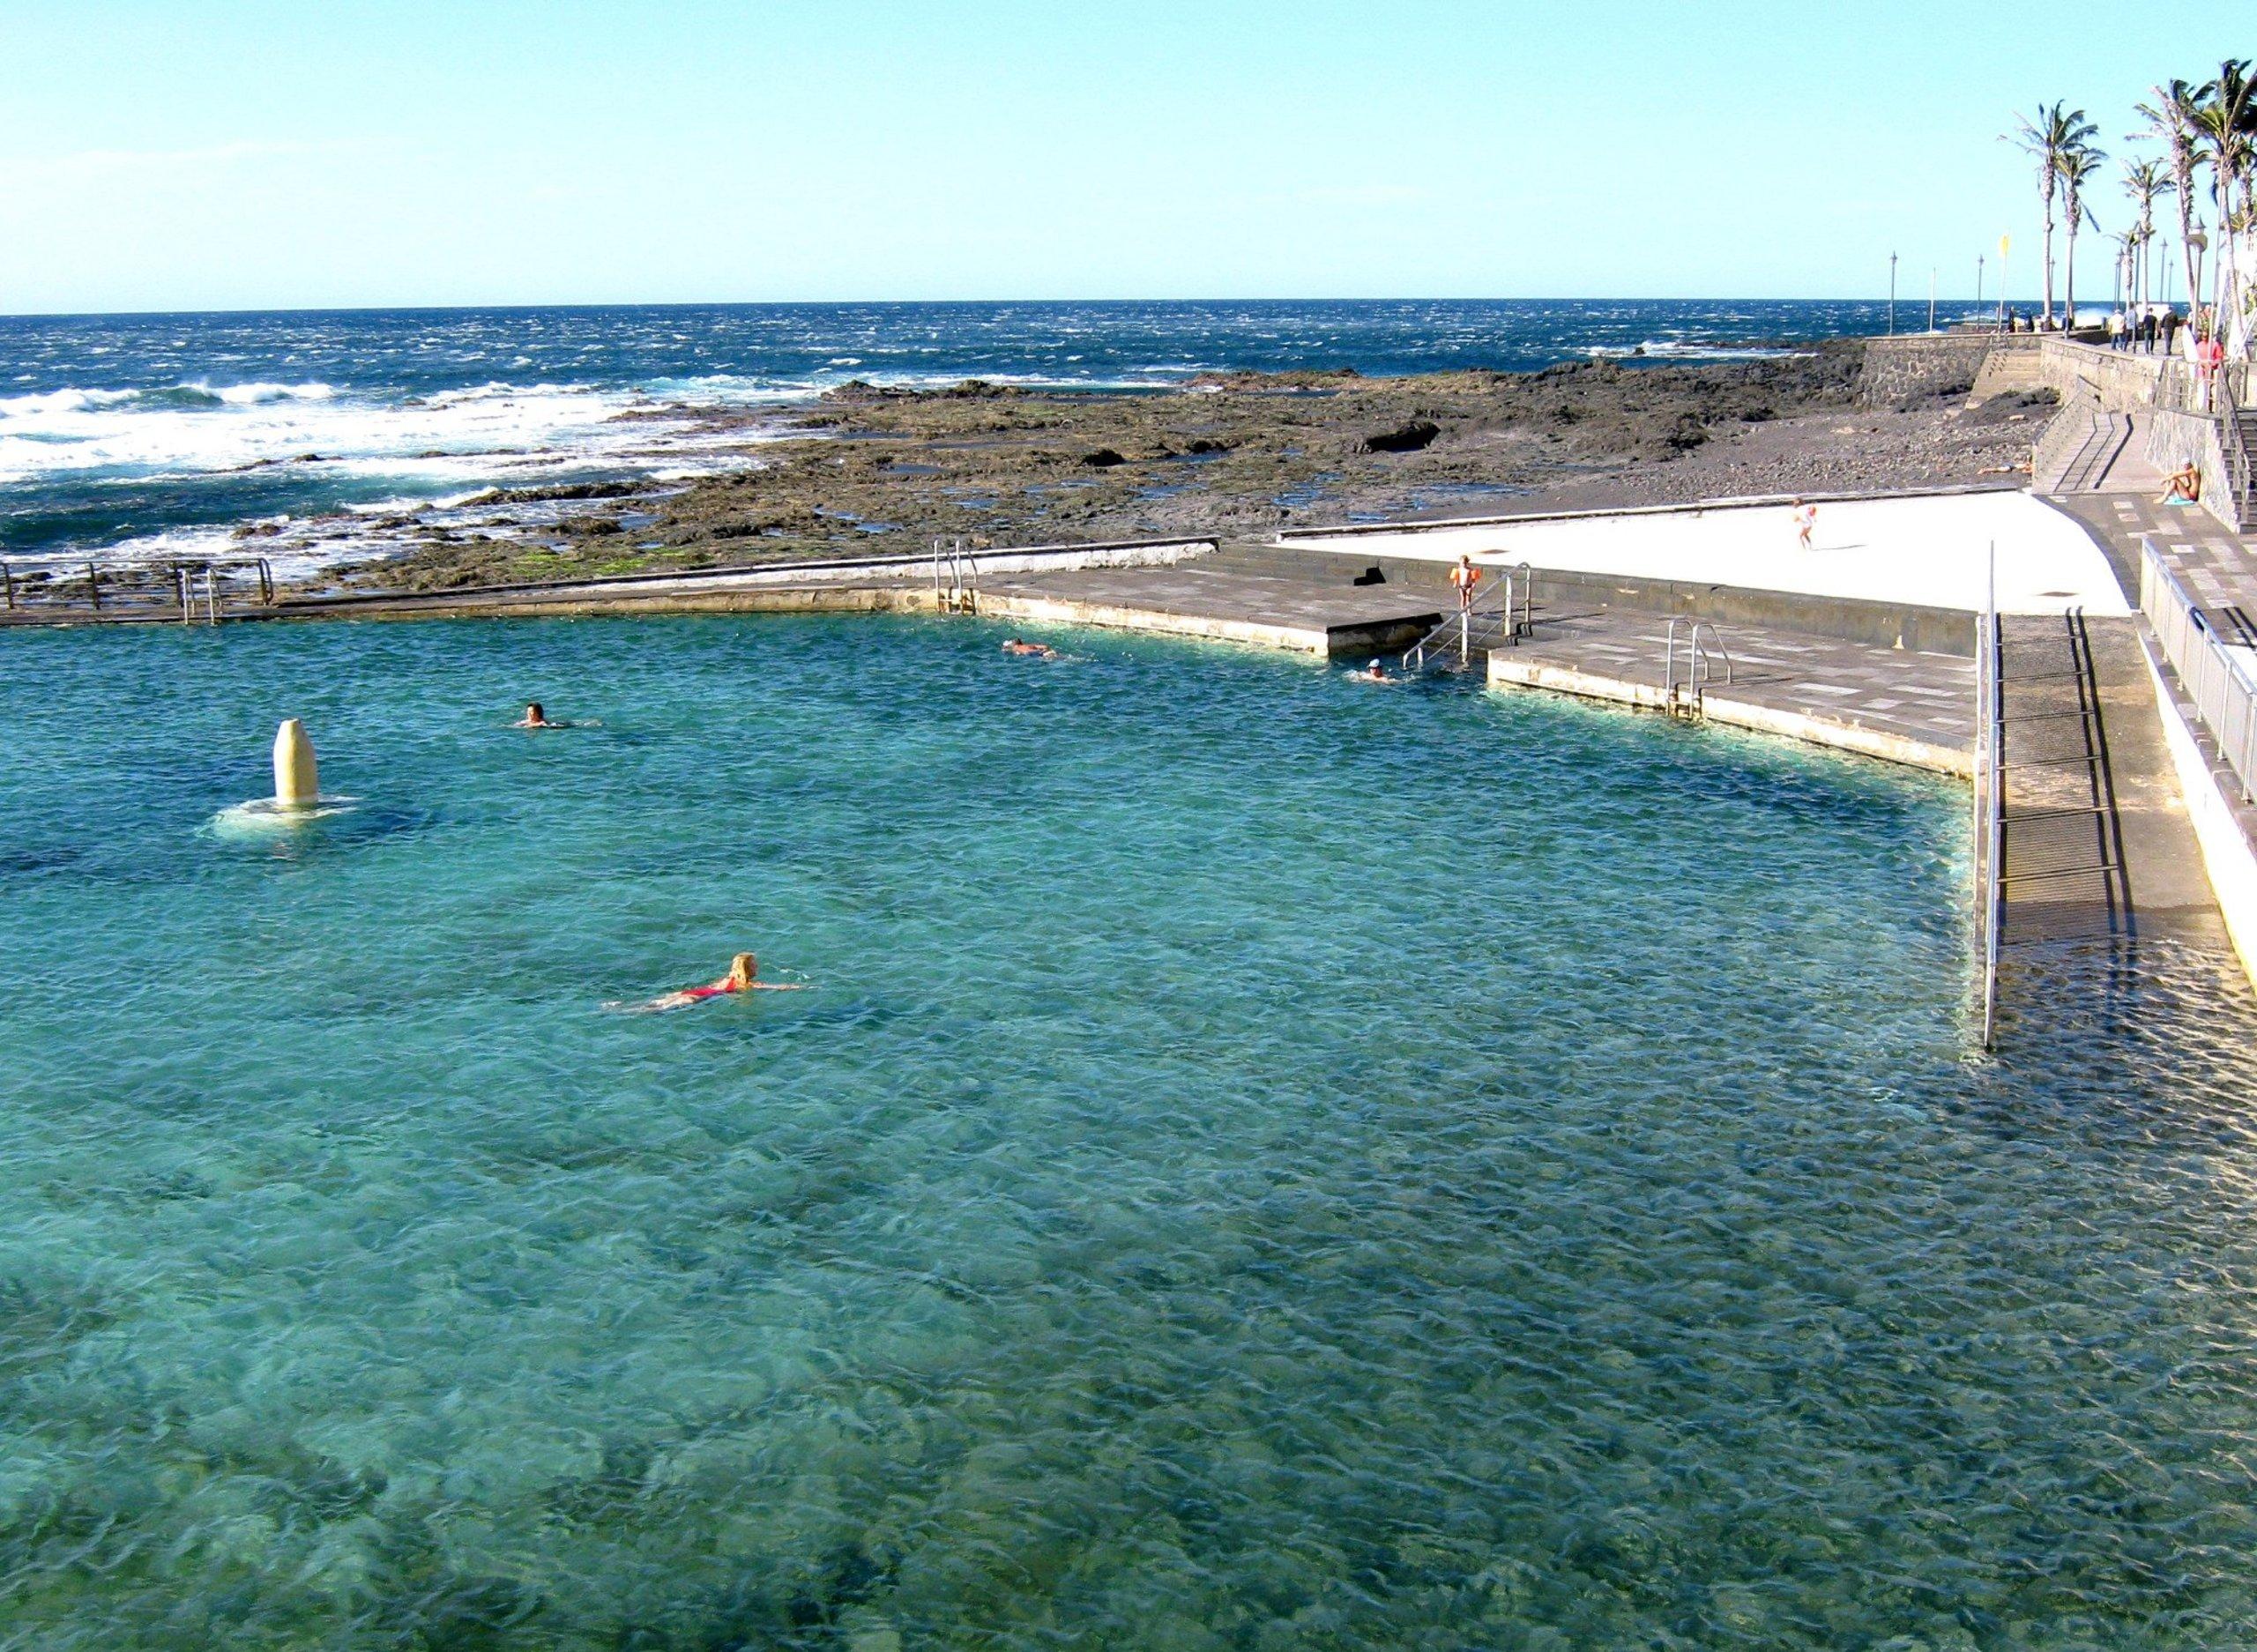 Punta Hidalgo Tenerife Mapa.Piscina Natural Punta Del Hidalgo 2020 Que Saber Antes De Ir Lo Mas Comentado Por La Gente Tripadvisor